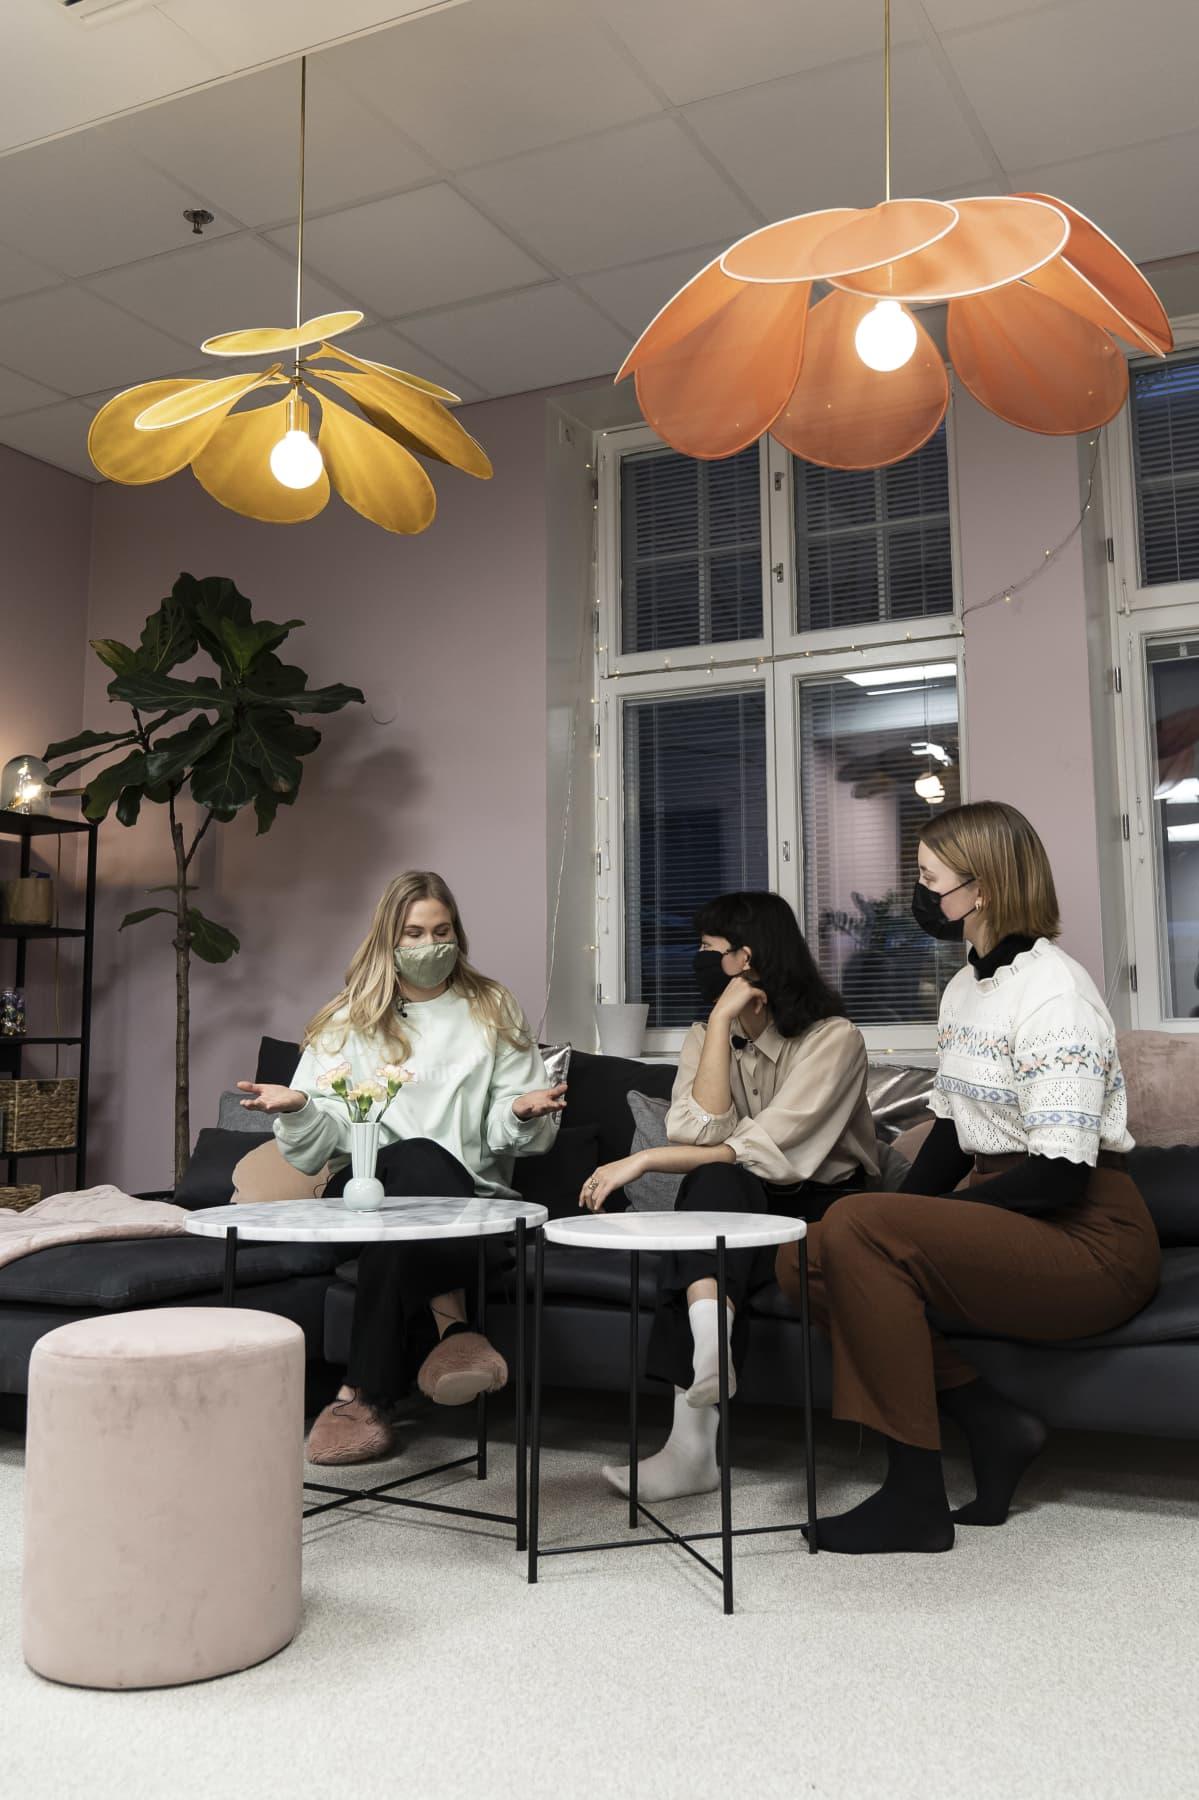 Rekrytoija Annastiina Penttilä opastaa kahta kesätyöpaikanhakijaa (Kaisla Ovaska ja Veera Huppunen) työnhaussa.